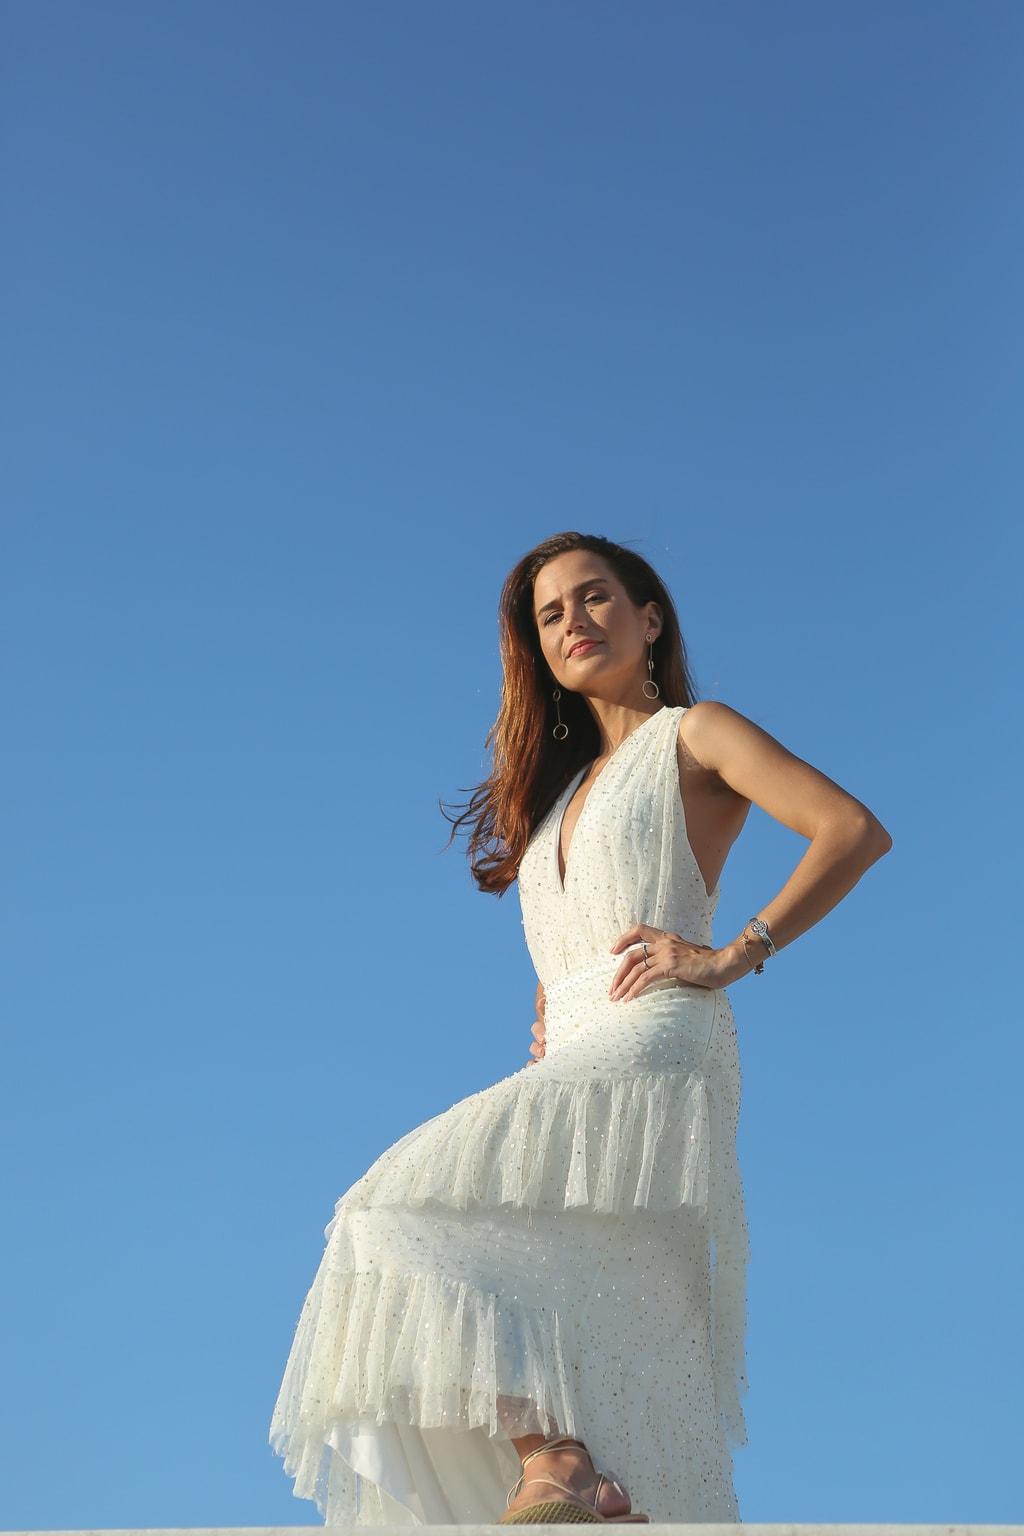 vestidos-ano-novo-reveillon-vestido-de-festa-julia-golldenzon-43